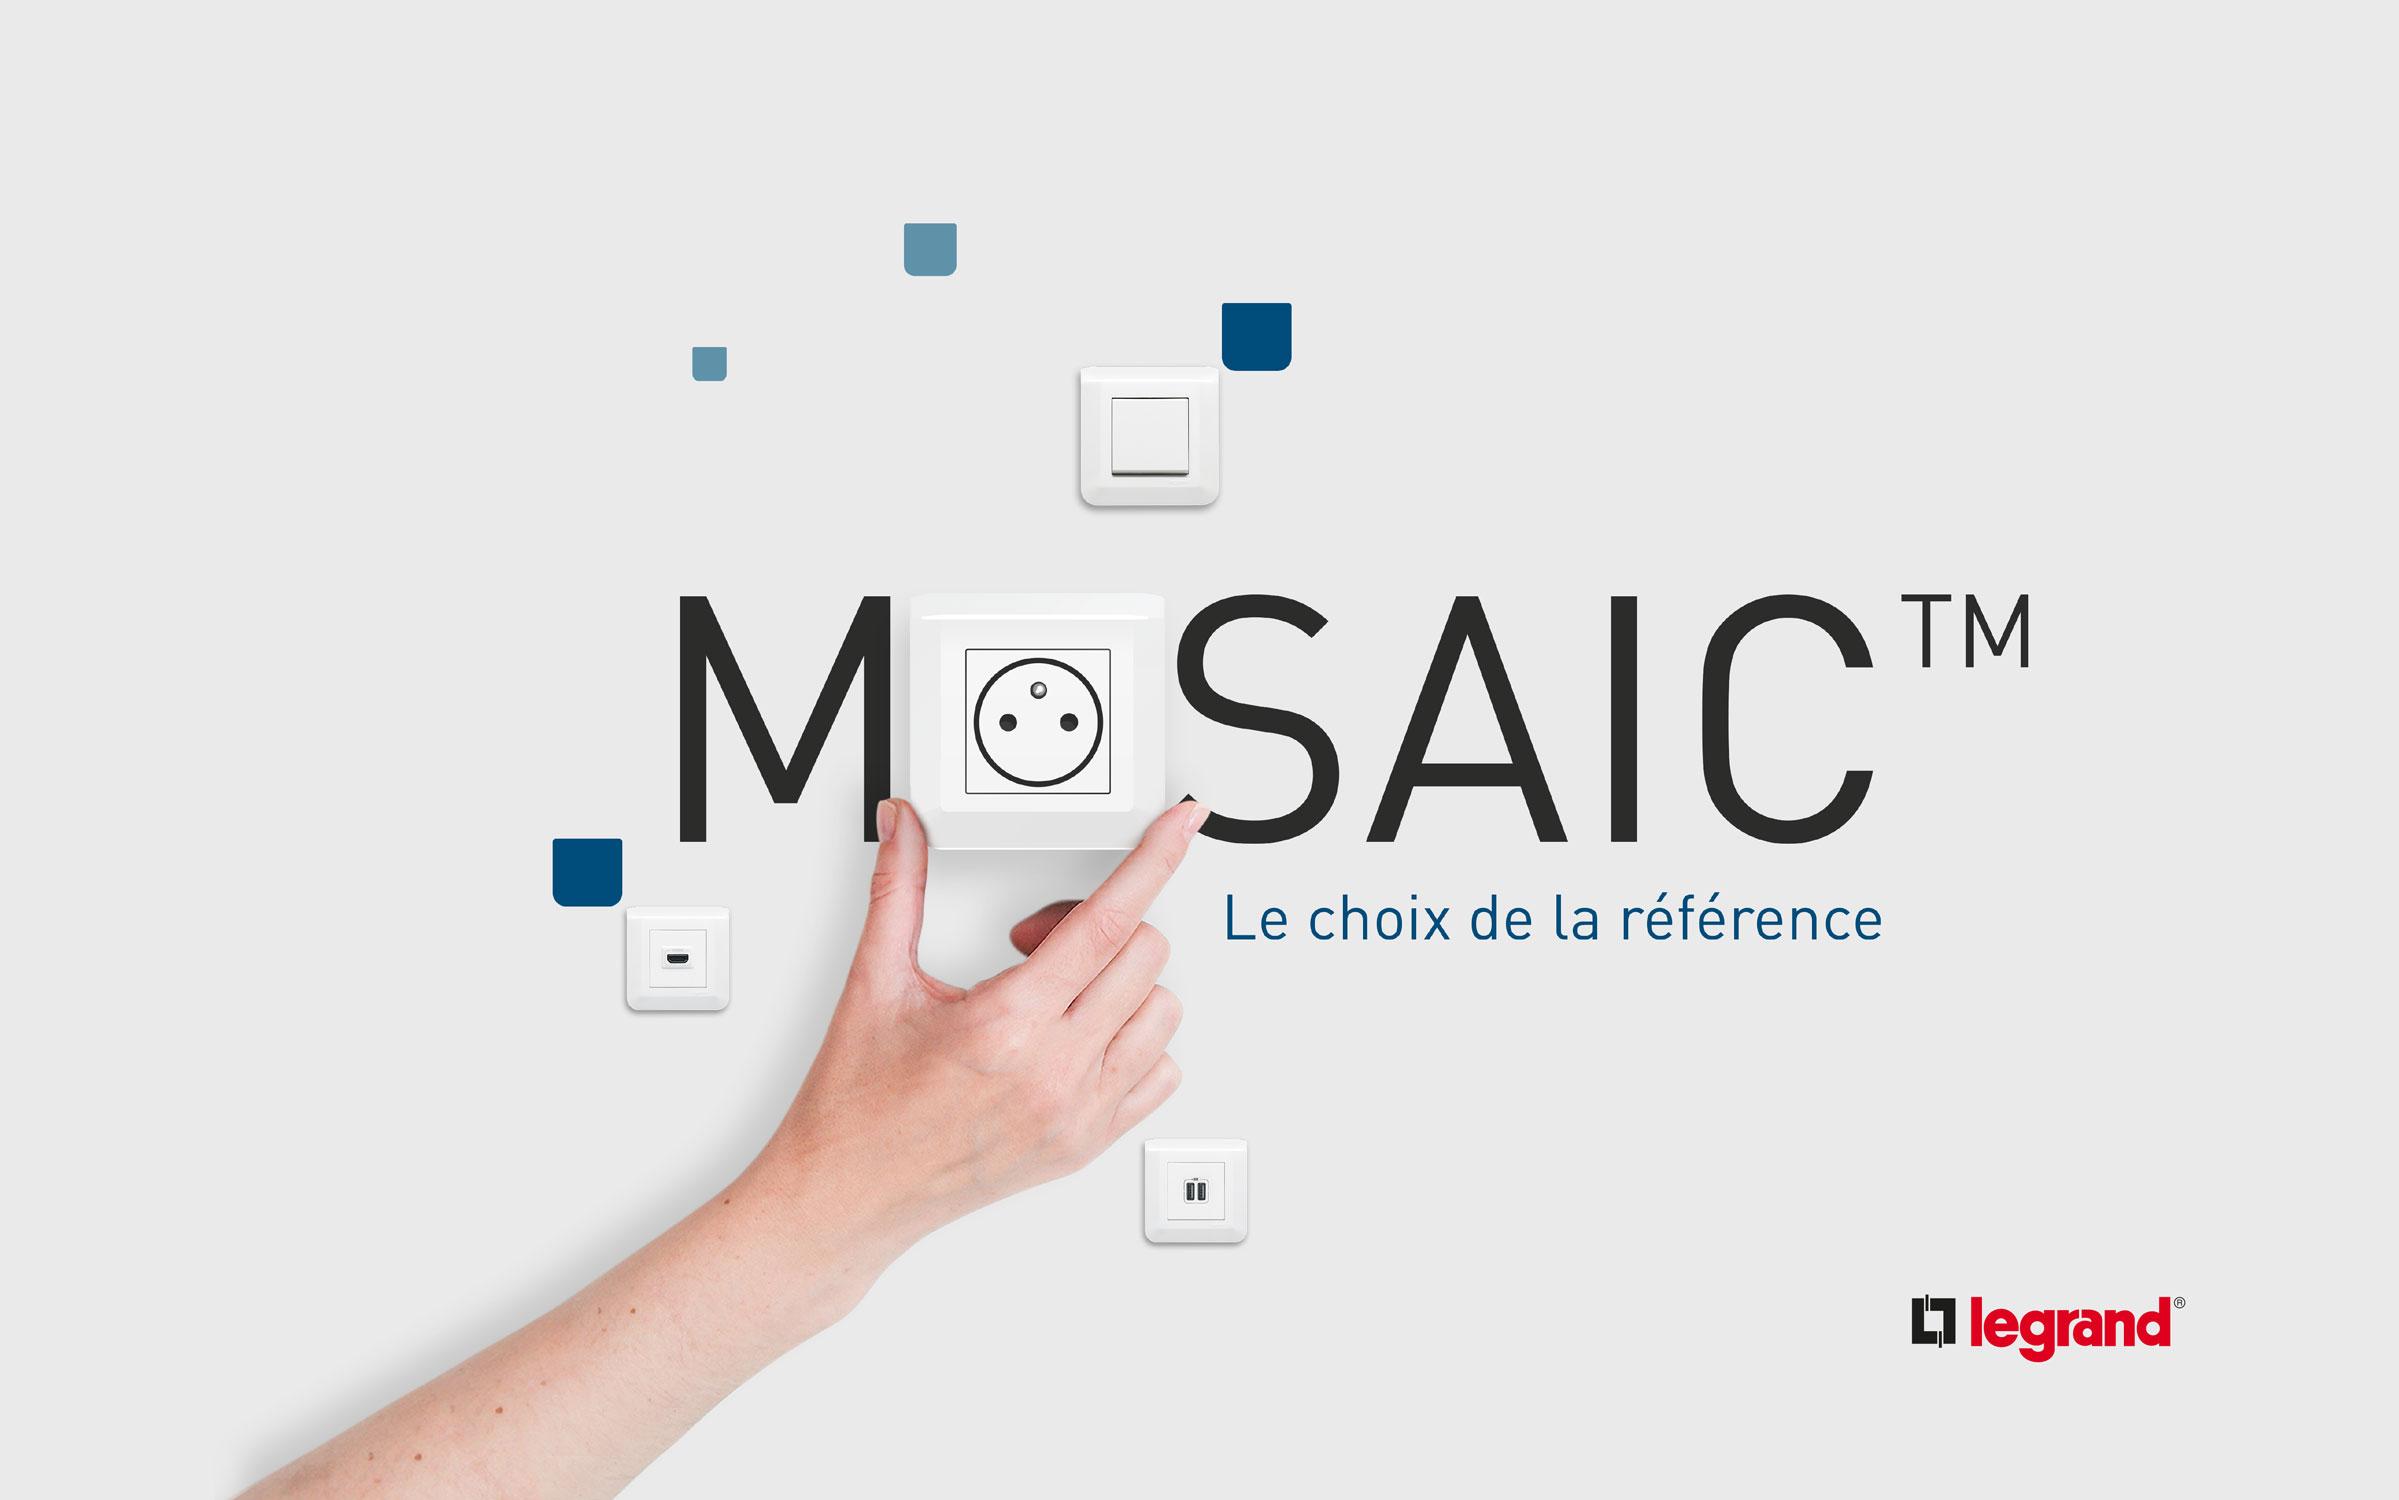 MOSAIC1_300DPI_2